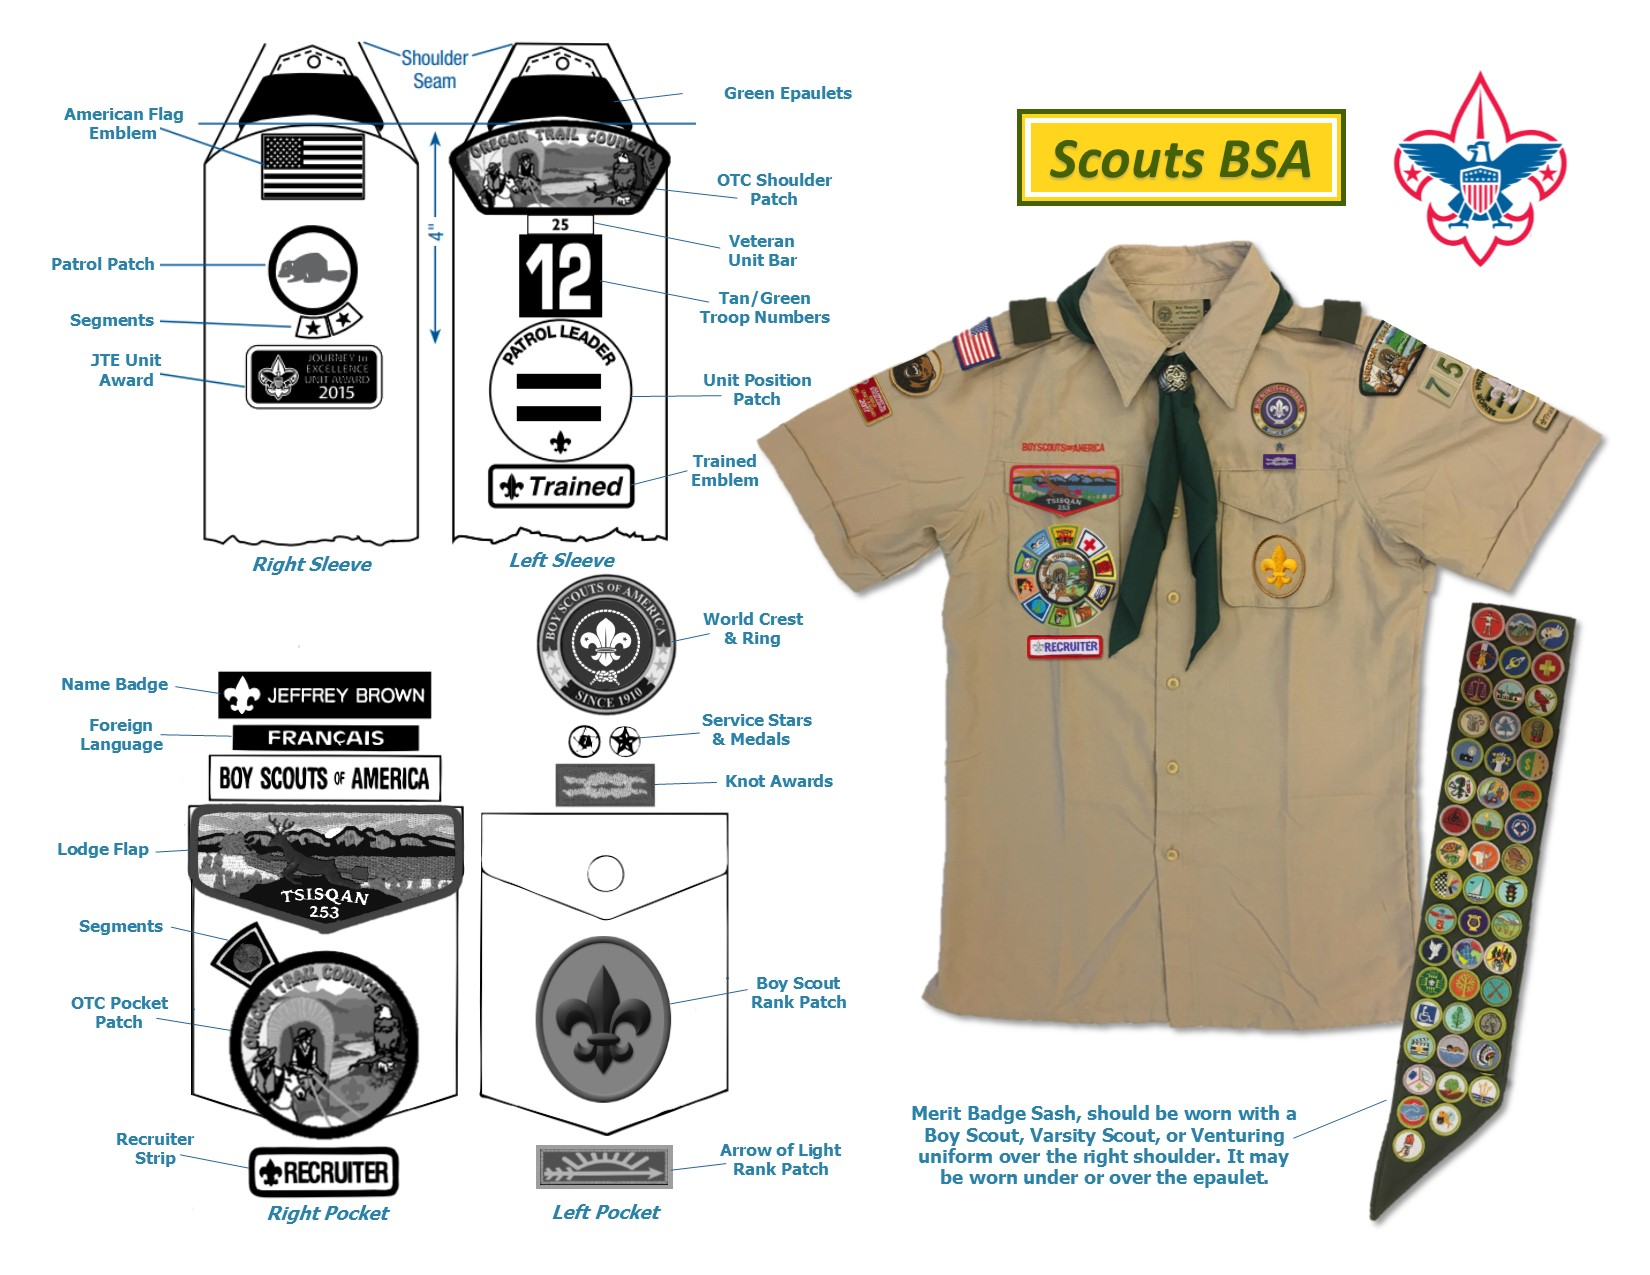 scout-uniform-insignia-guide-scouts.jpg